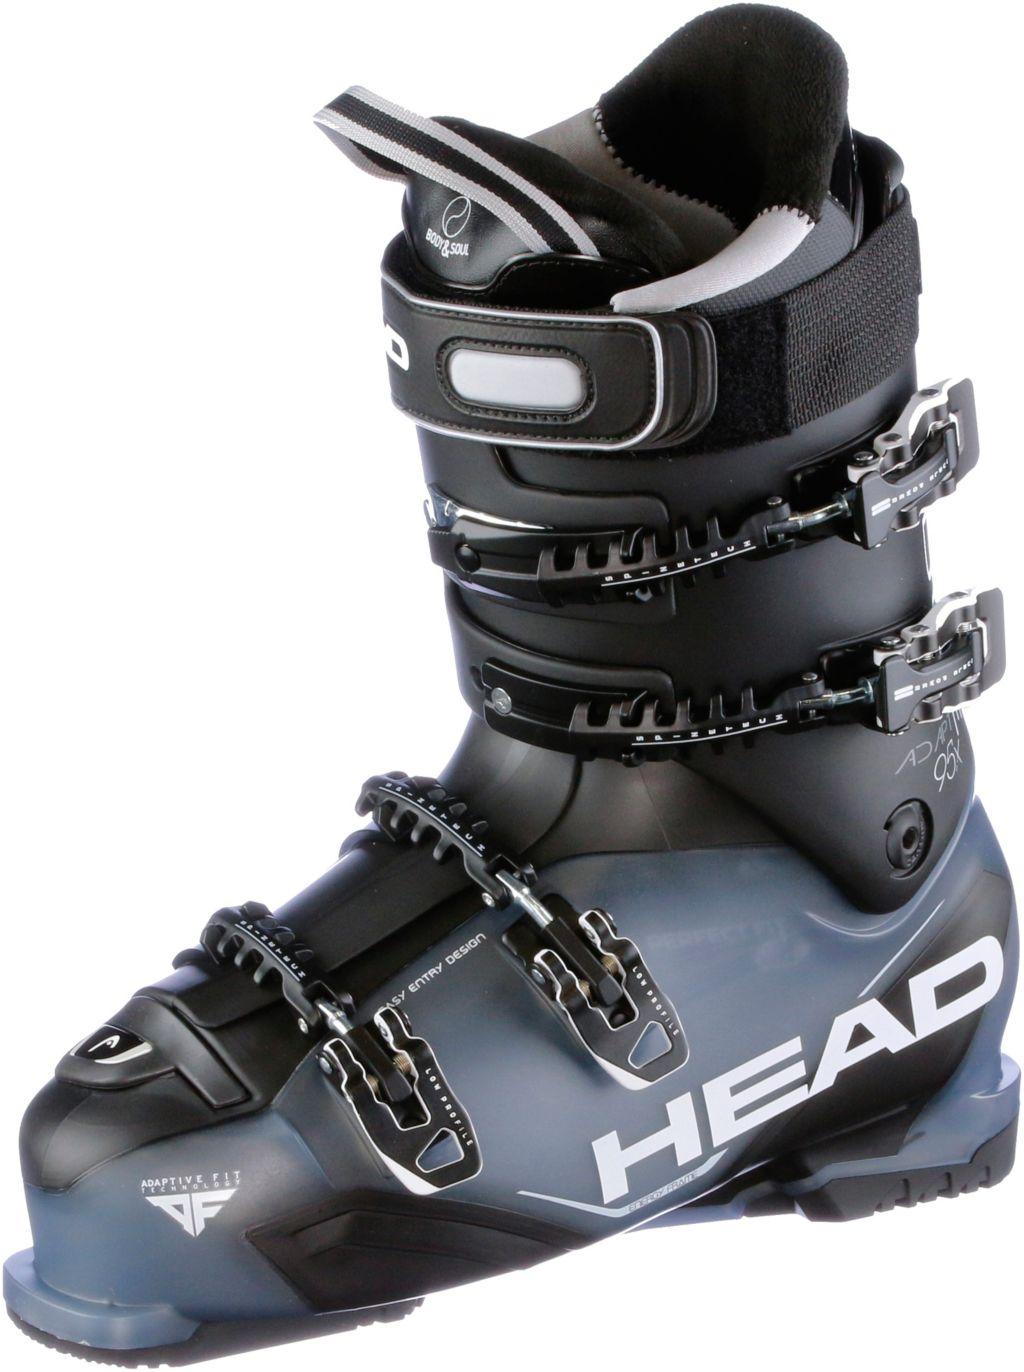 Adapt Edge 95 X Skischuhe in schwarz, Größe 27